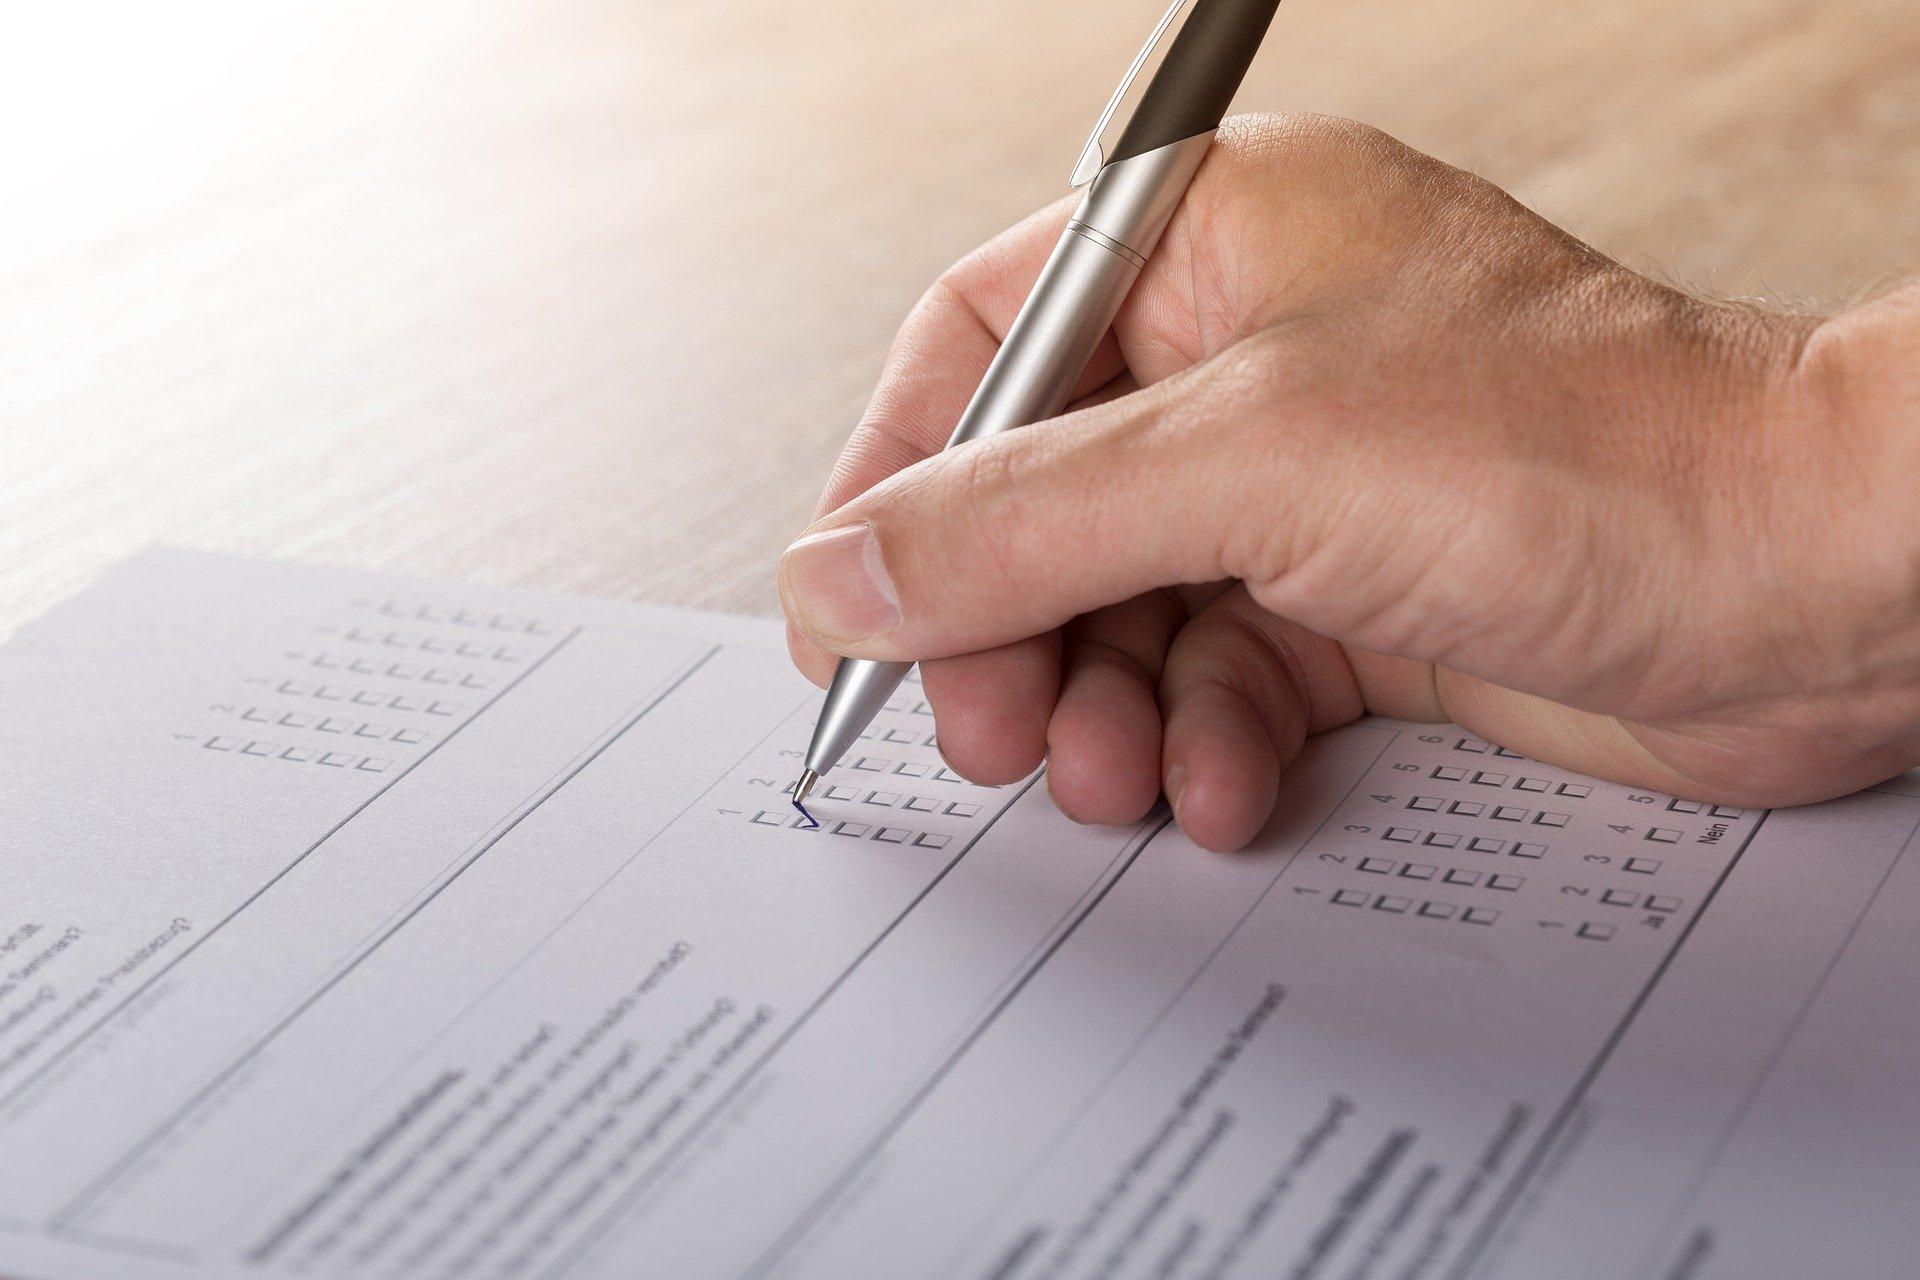 La CNMC abre una consulta pública sobre la mejora de la planificación de la contratación pública en España.